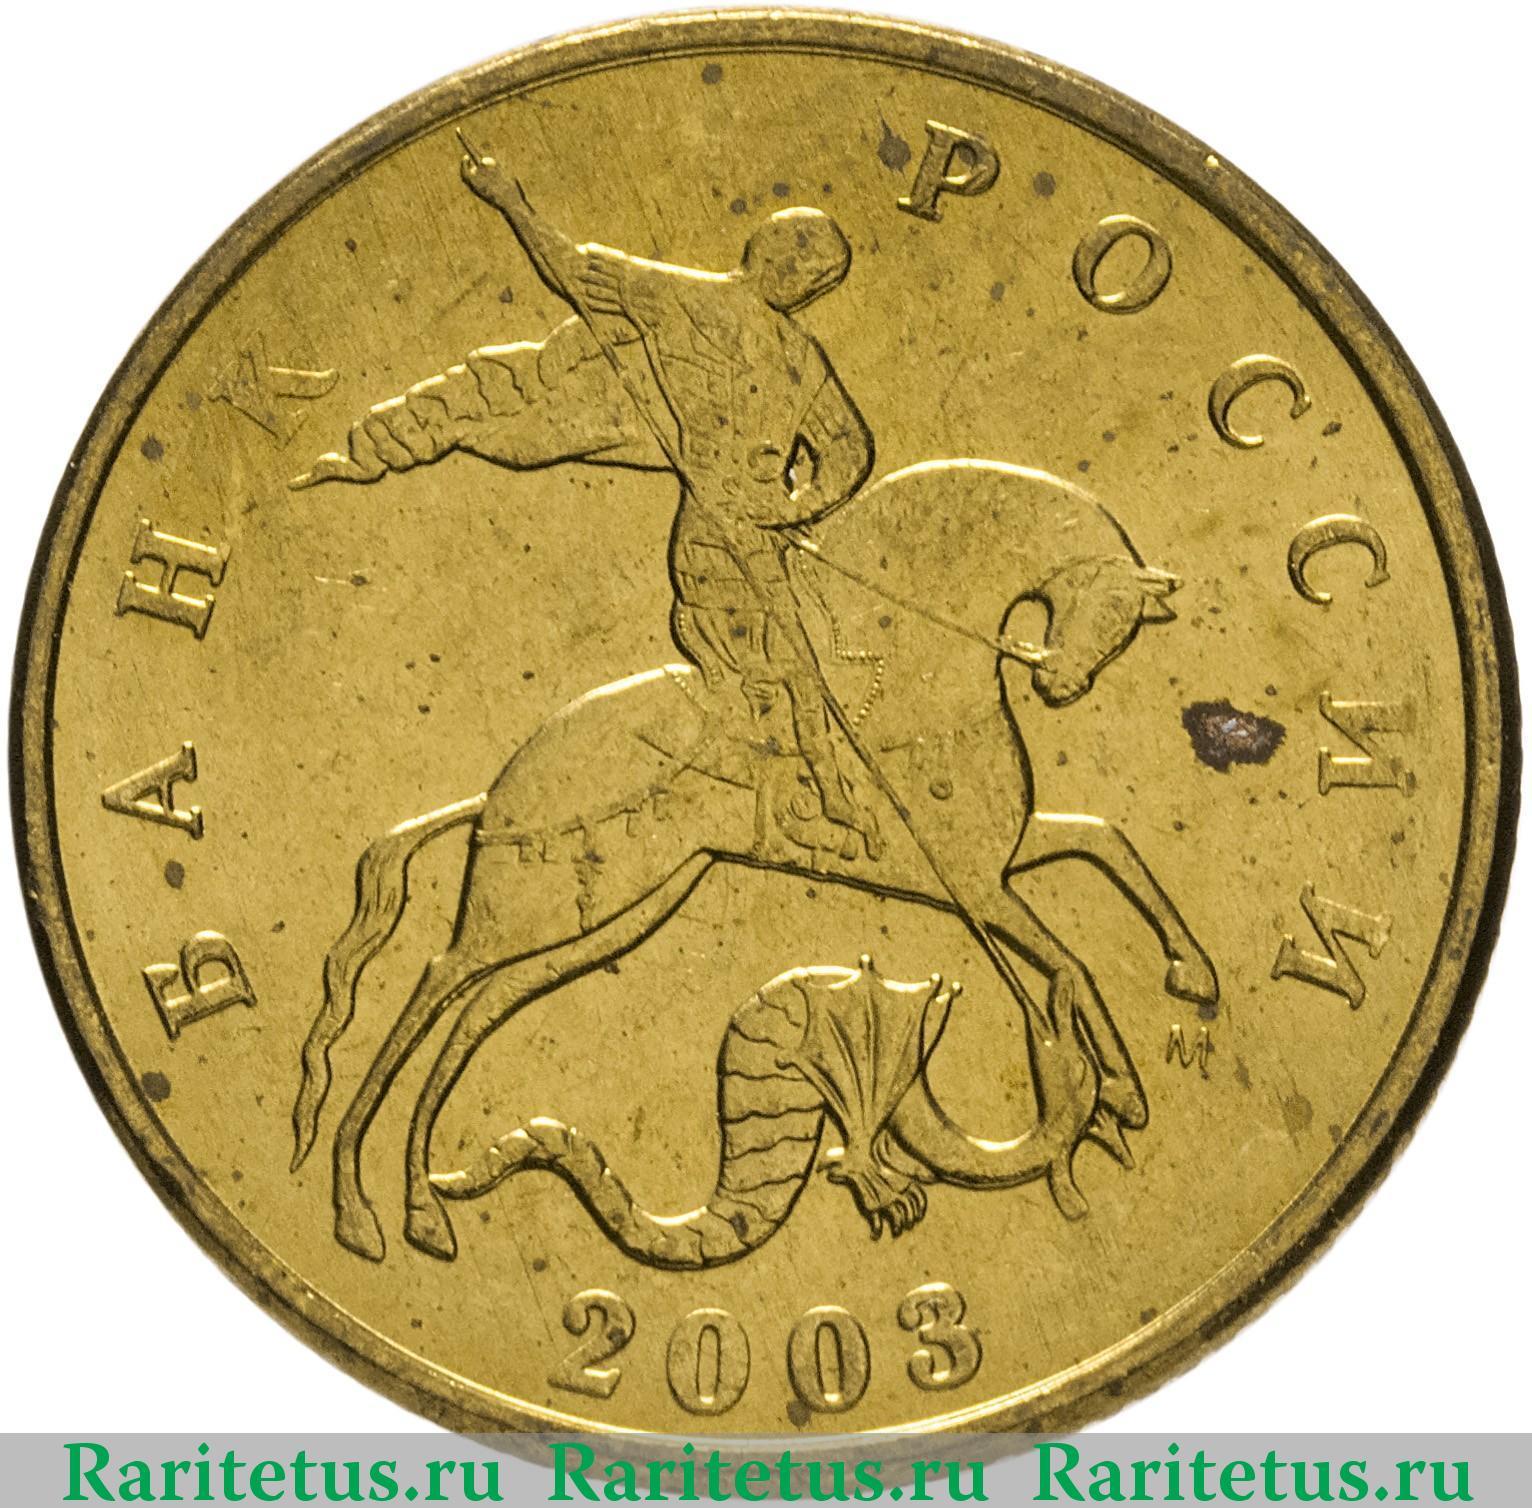 Самые дорогие и редкие монеты России: стоимость, каталог, цены